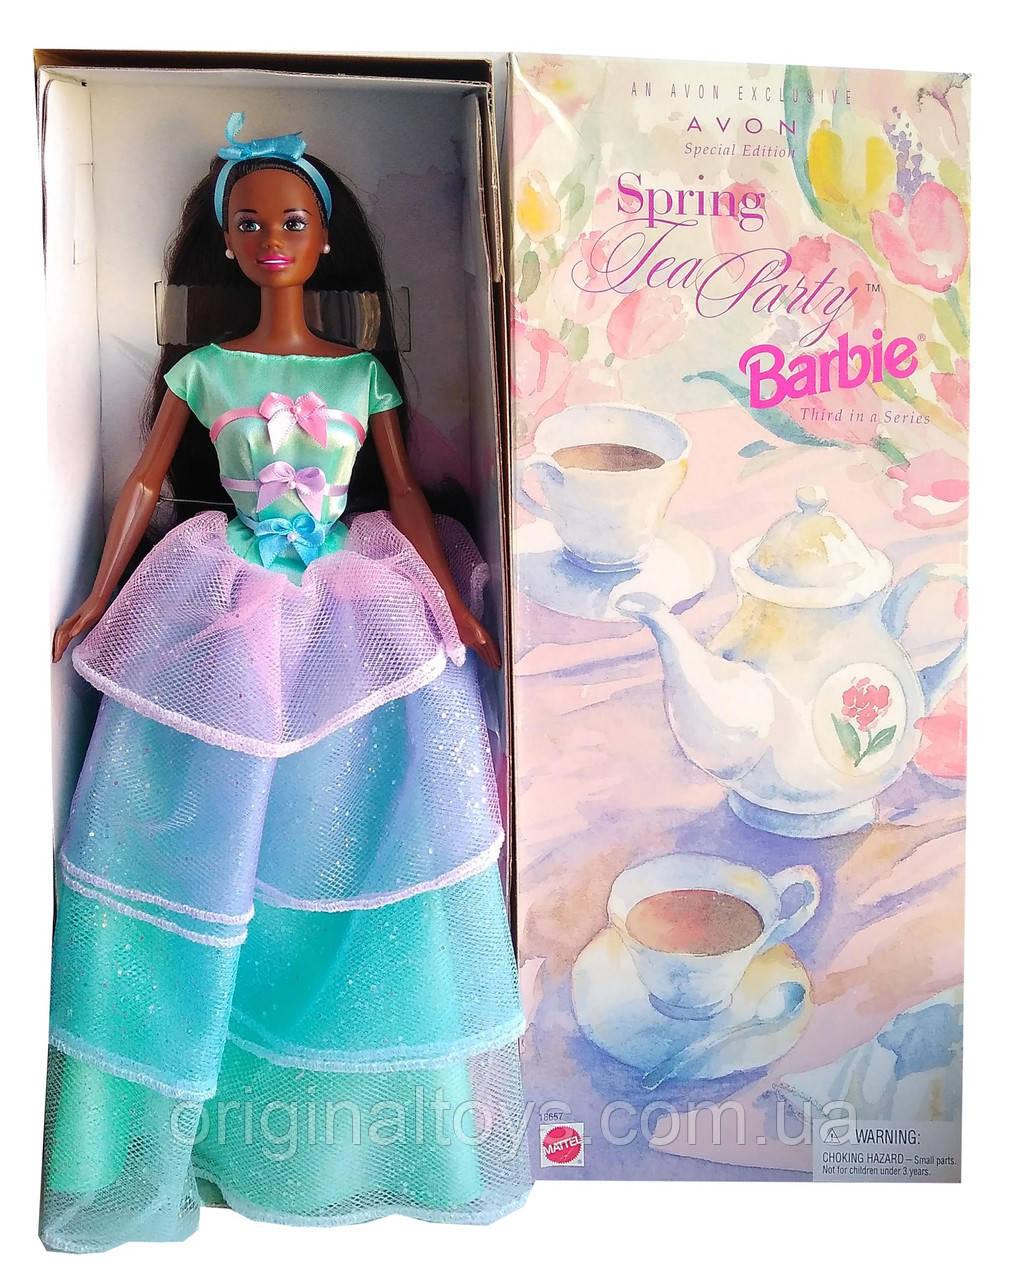 Коллекционная кукла Барби Весеннее чаепитие Barbie Spring Tea Party Avon 1997 Mattel 18657